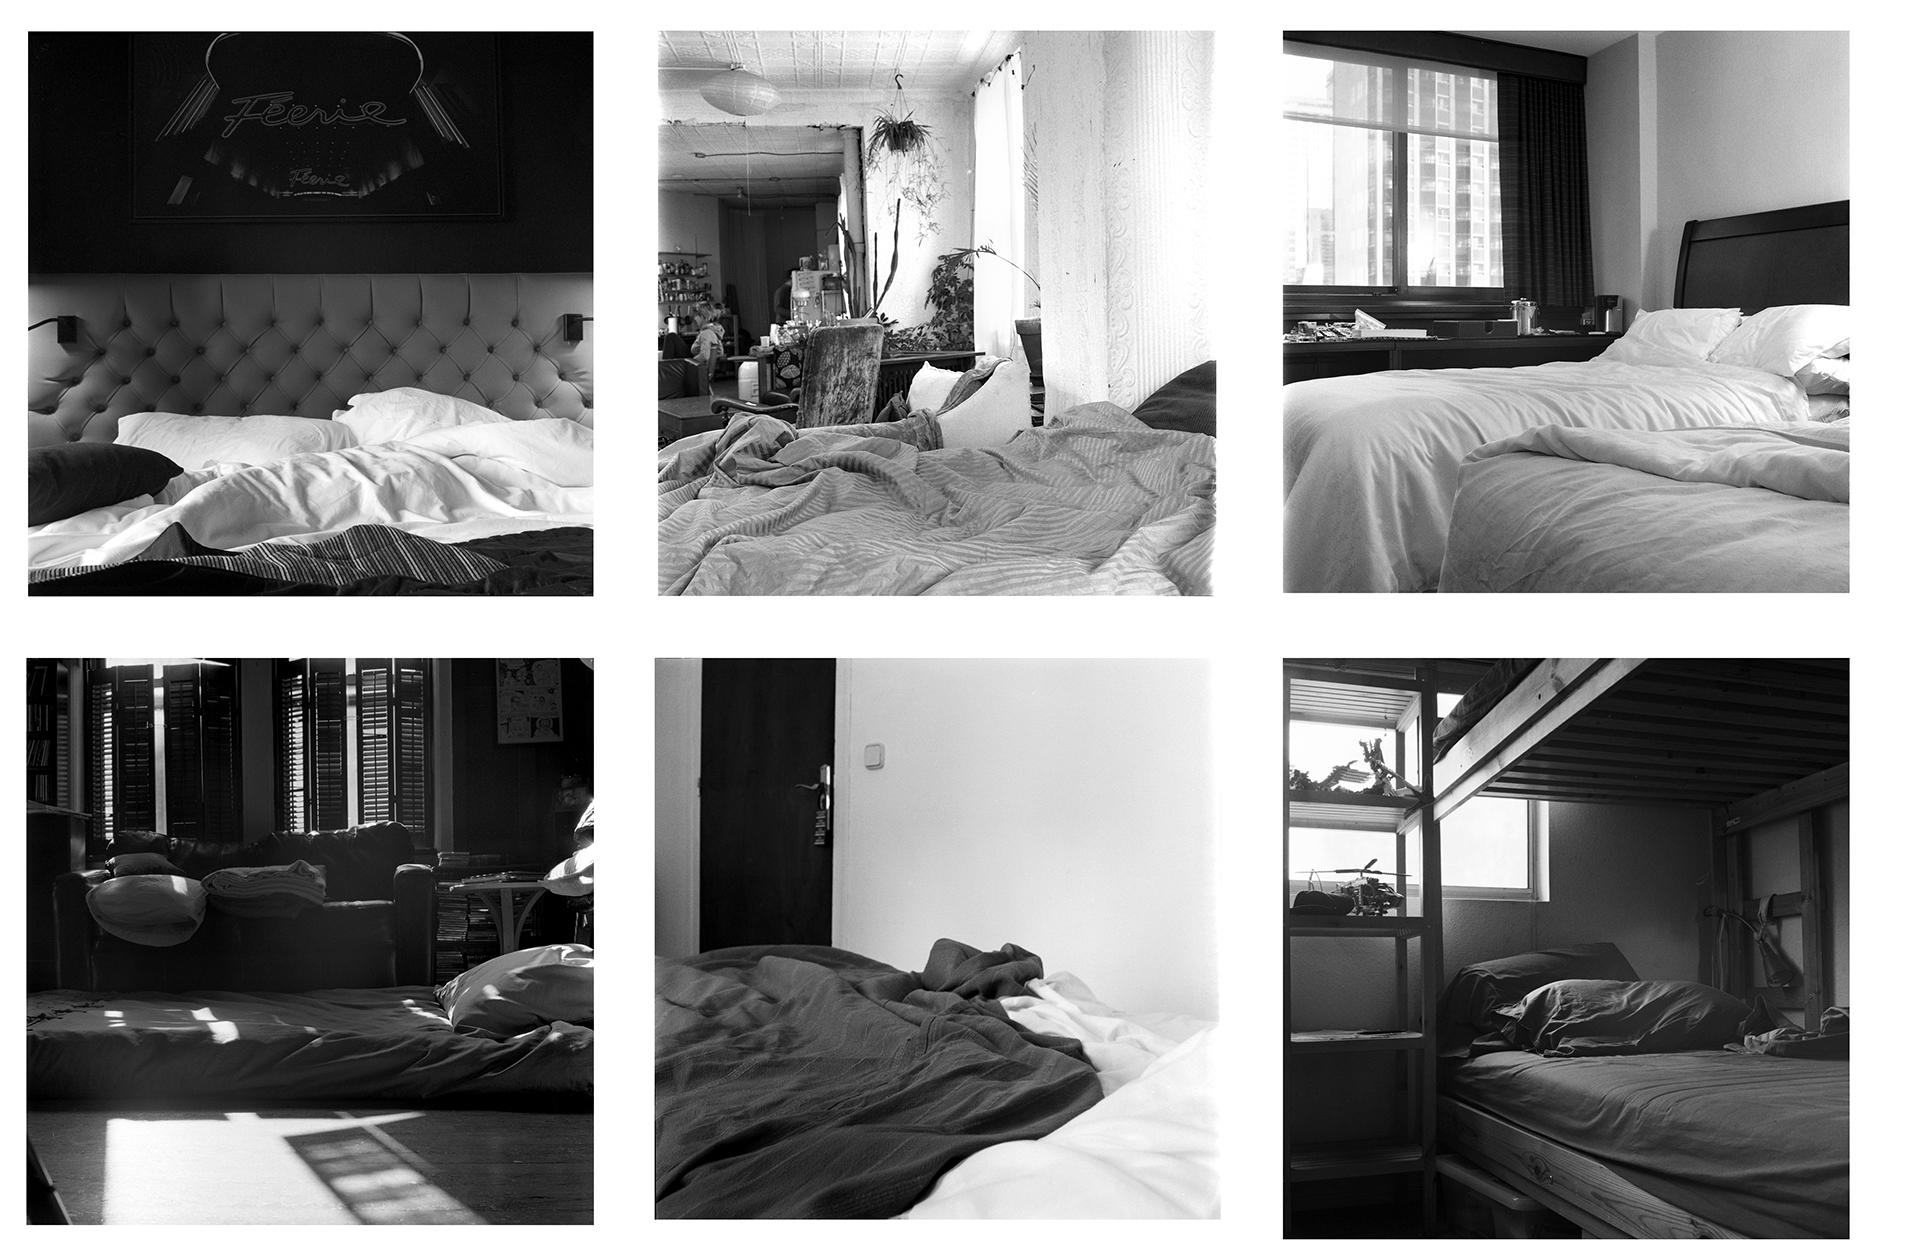 32_Beds 18 copy.jpg